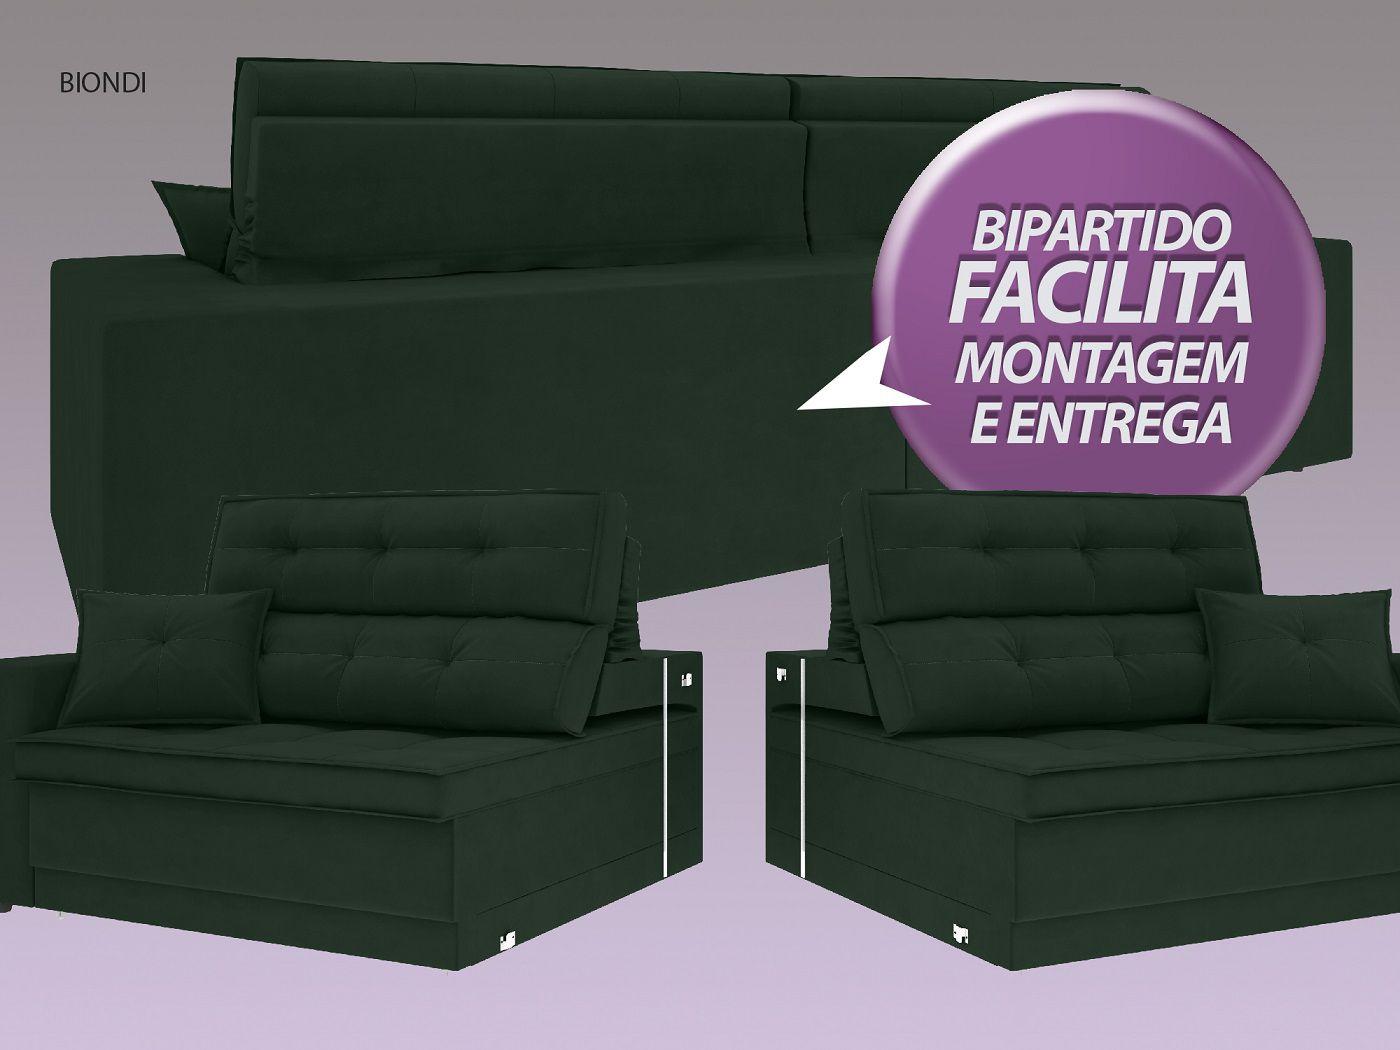 Sofá New Biondi 2,90m Retrátil e Reclinável Velosuede Verde  - NETSOFAS